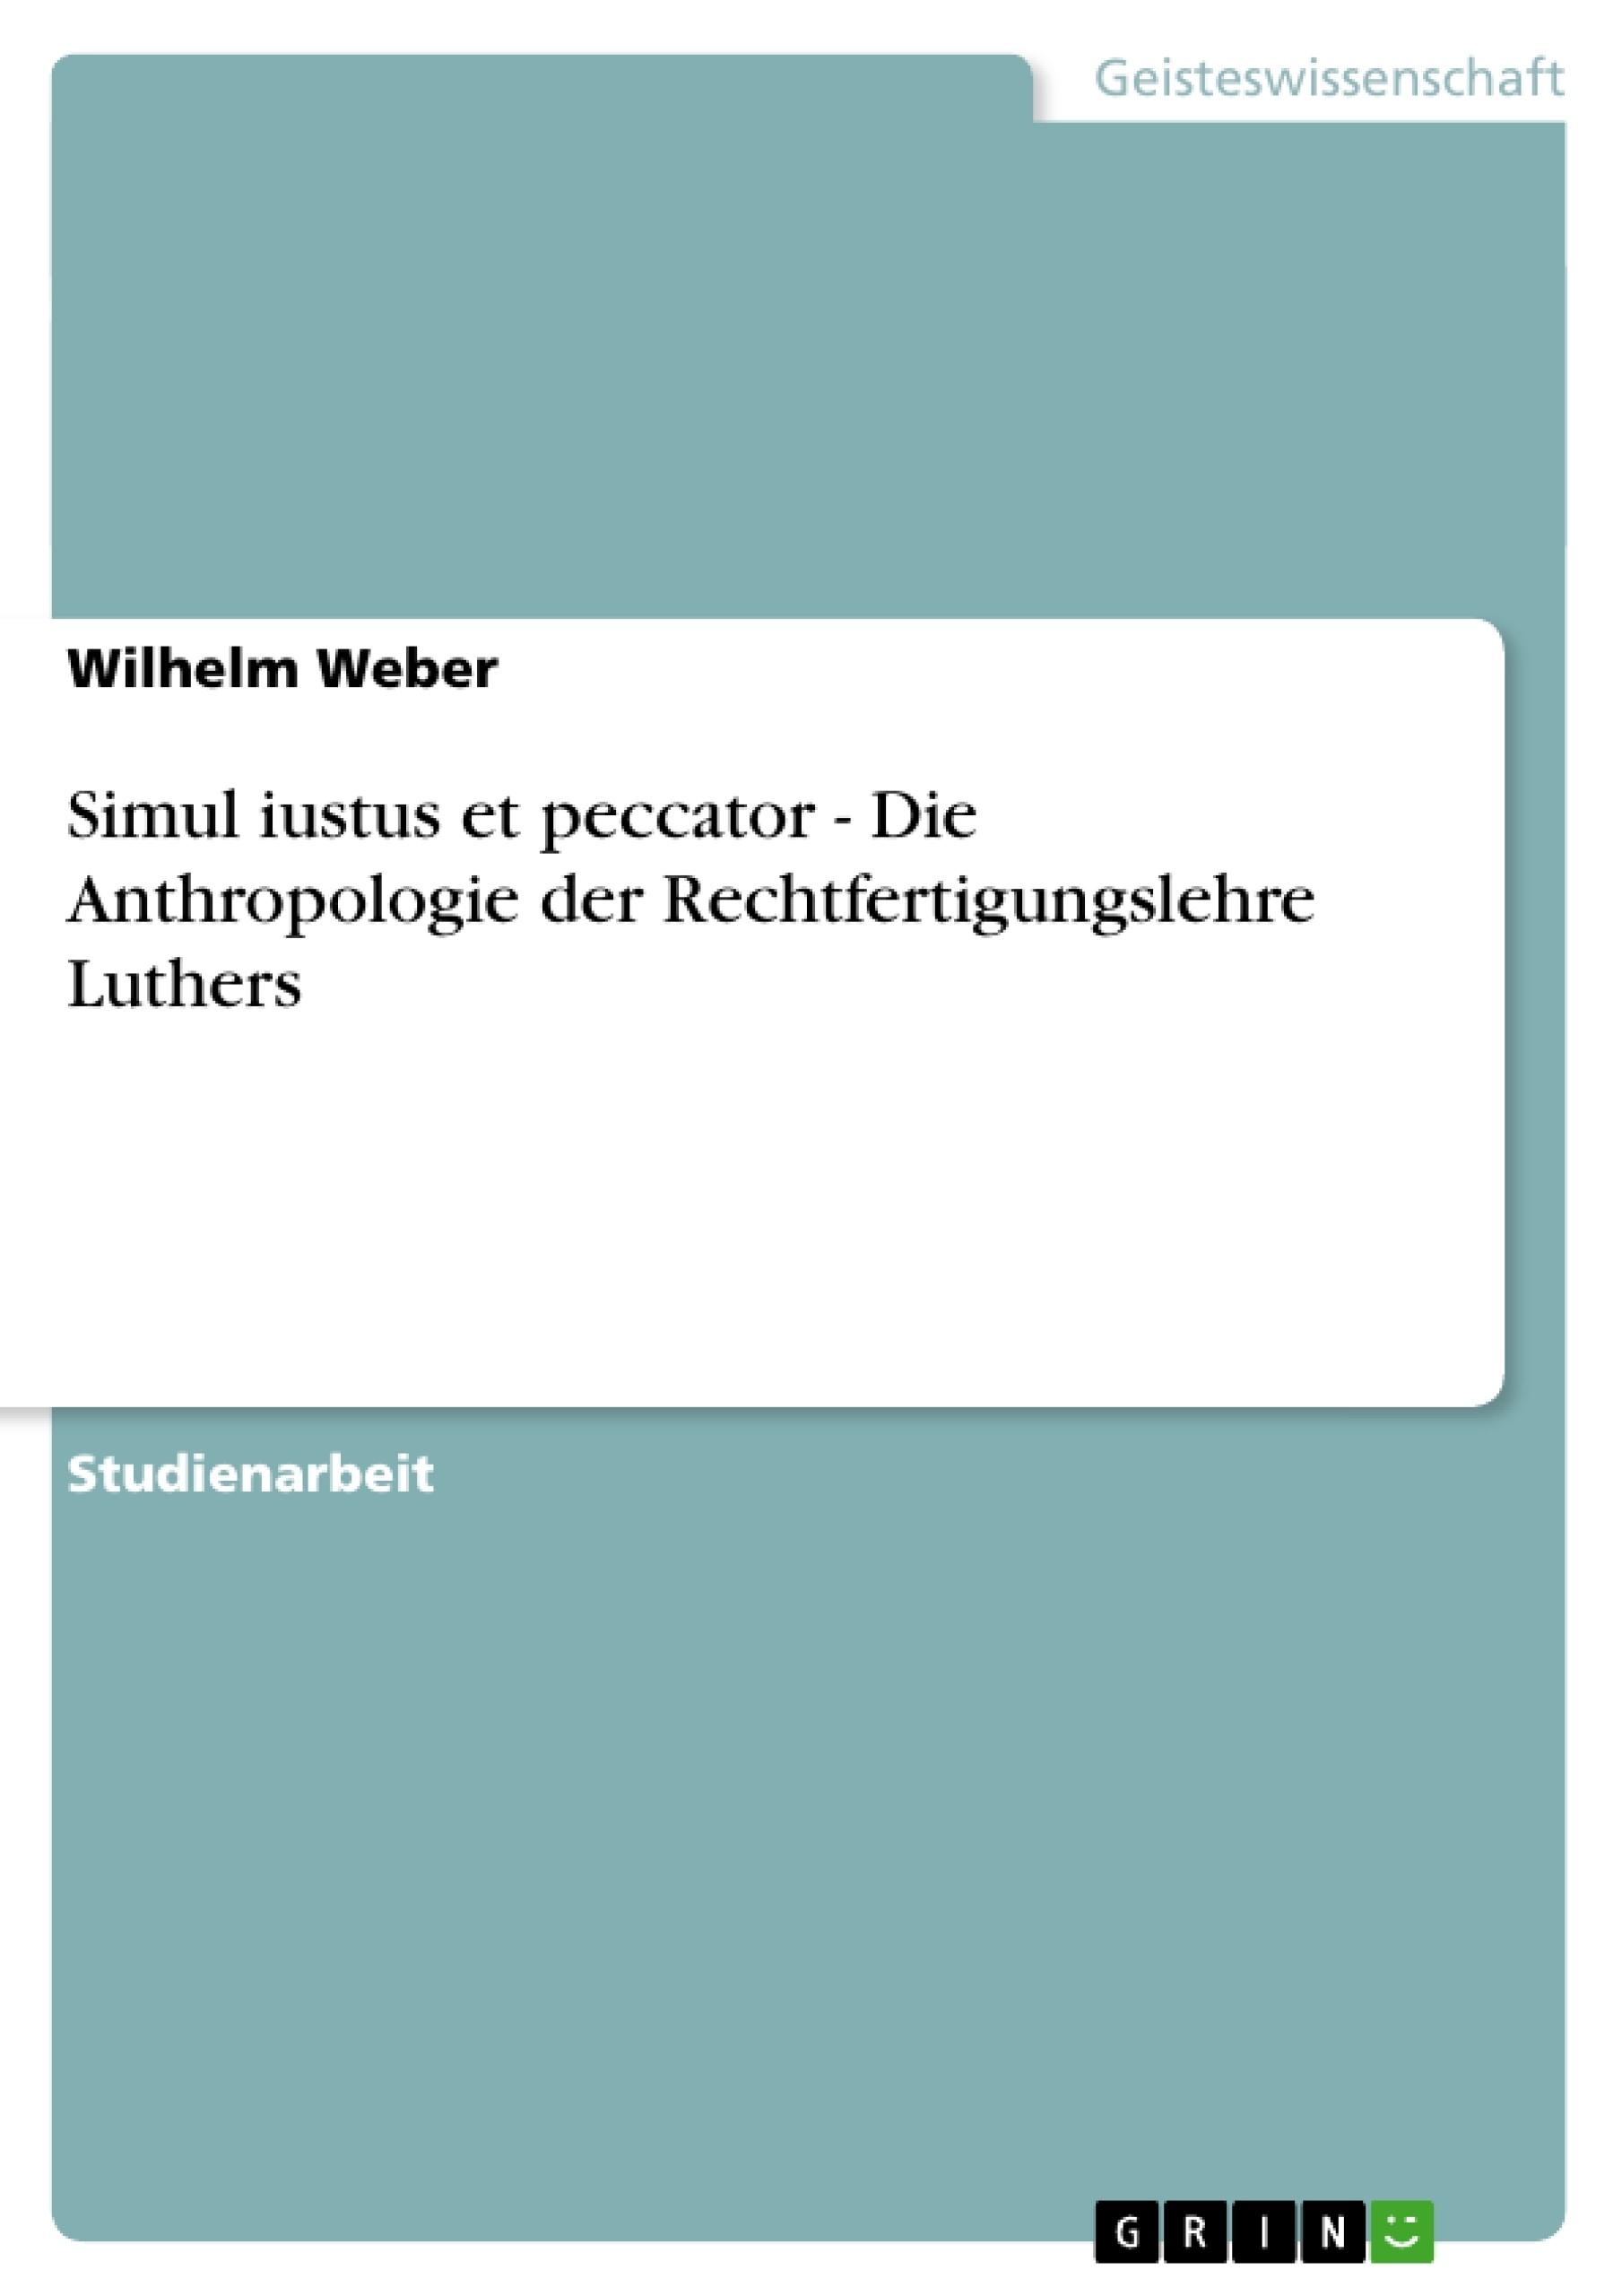 Titel: Simul iustus et peccator - Die Anthropologie der Rechtfertigungslehre Luthers